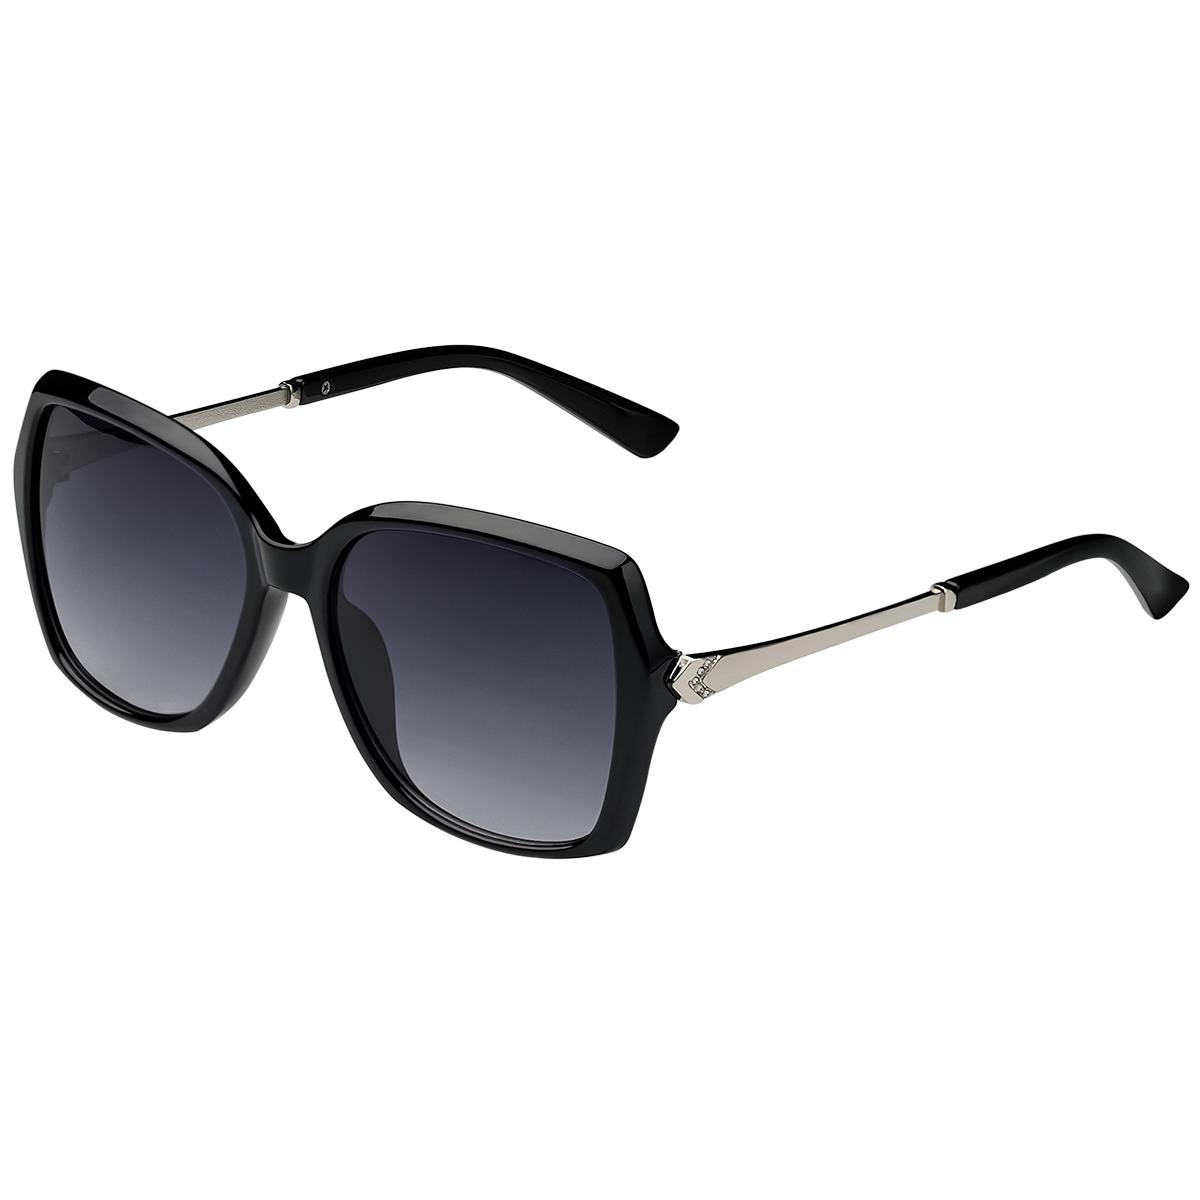 Zonnebril Fancy zwart zwarte dames zonnebrillen zilveren detail zijkanten trendy festival brillen musthaves kopen bestellen yehwang